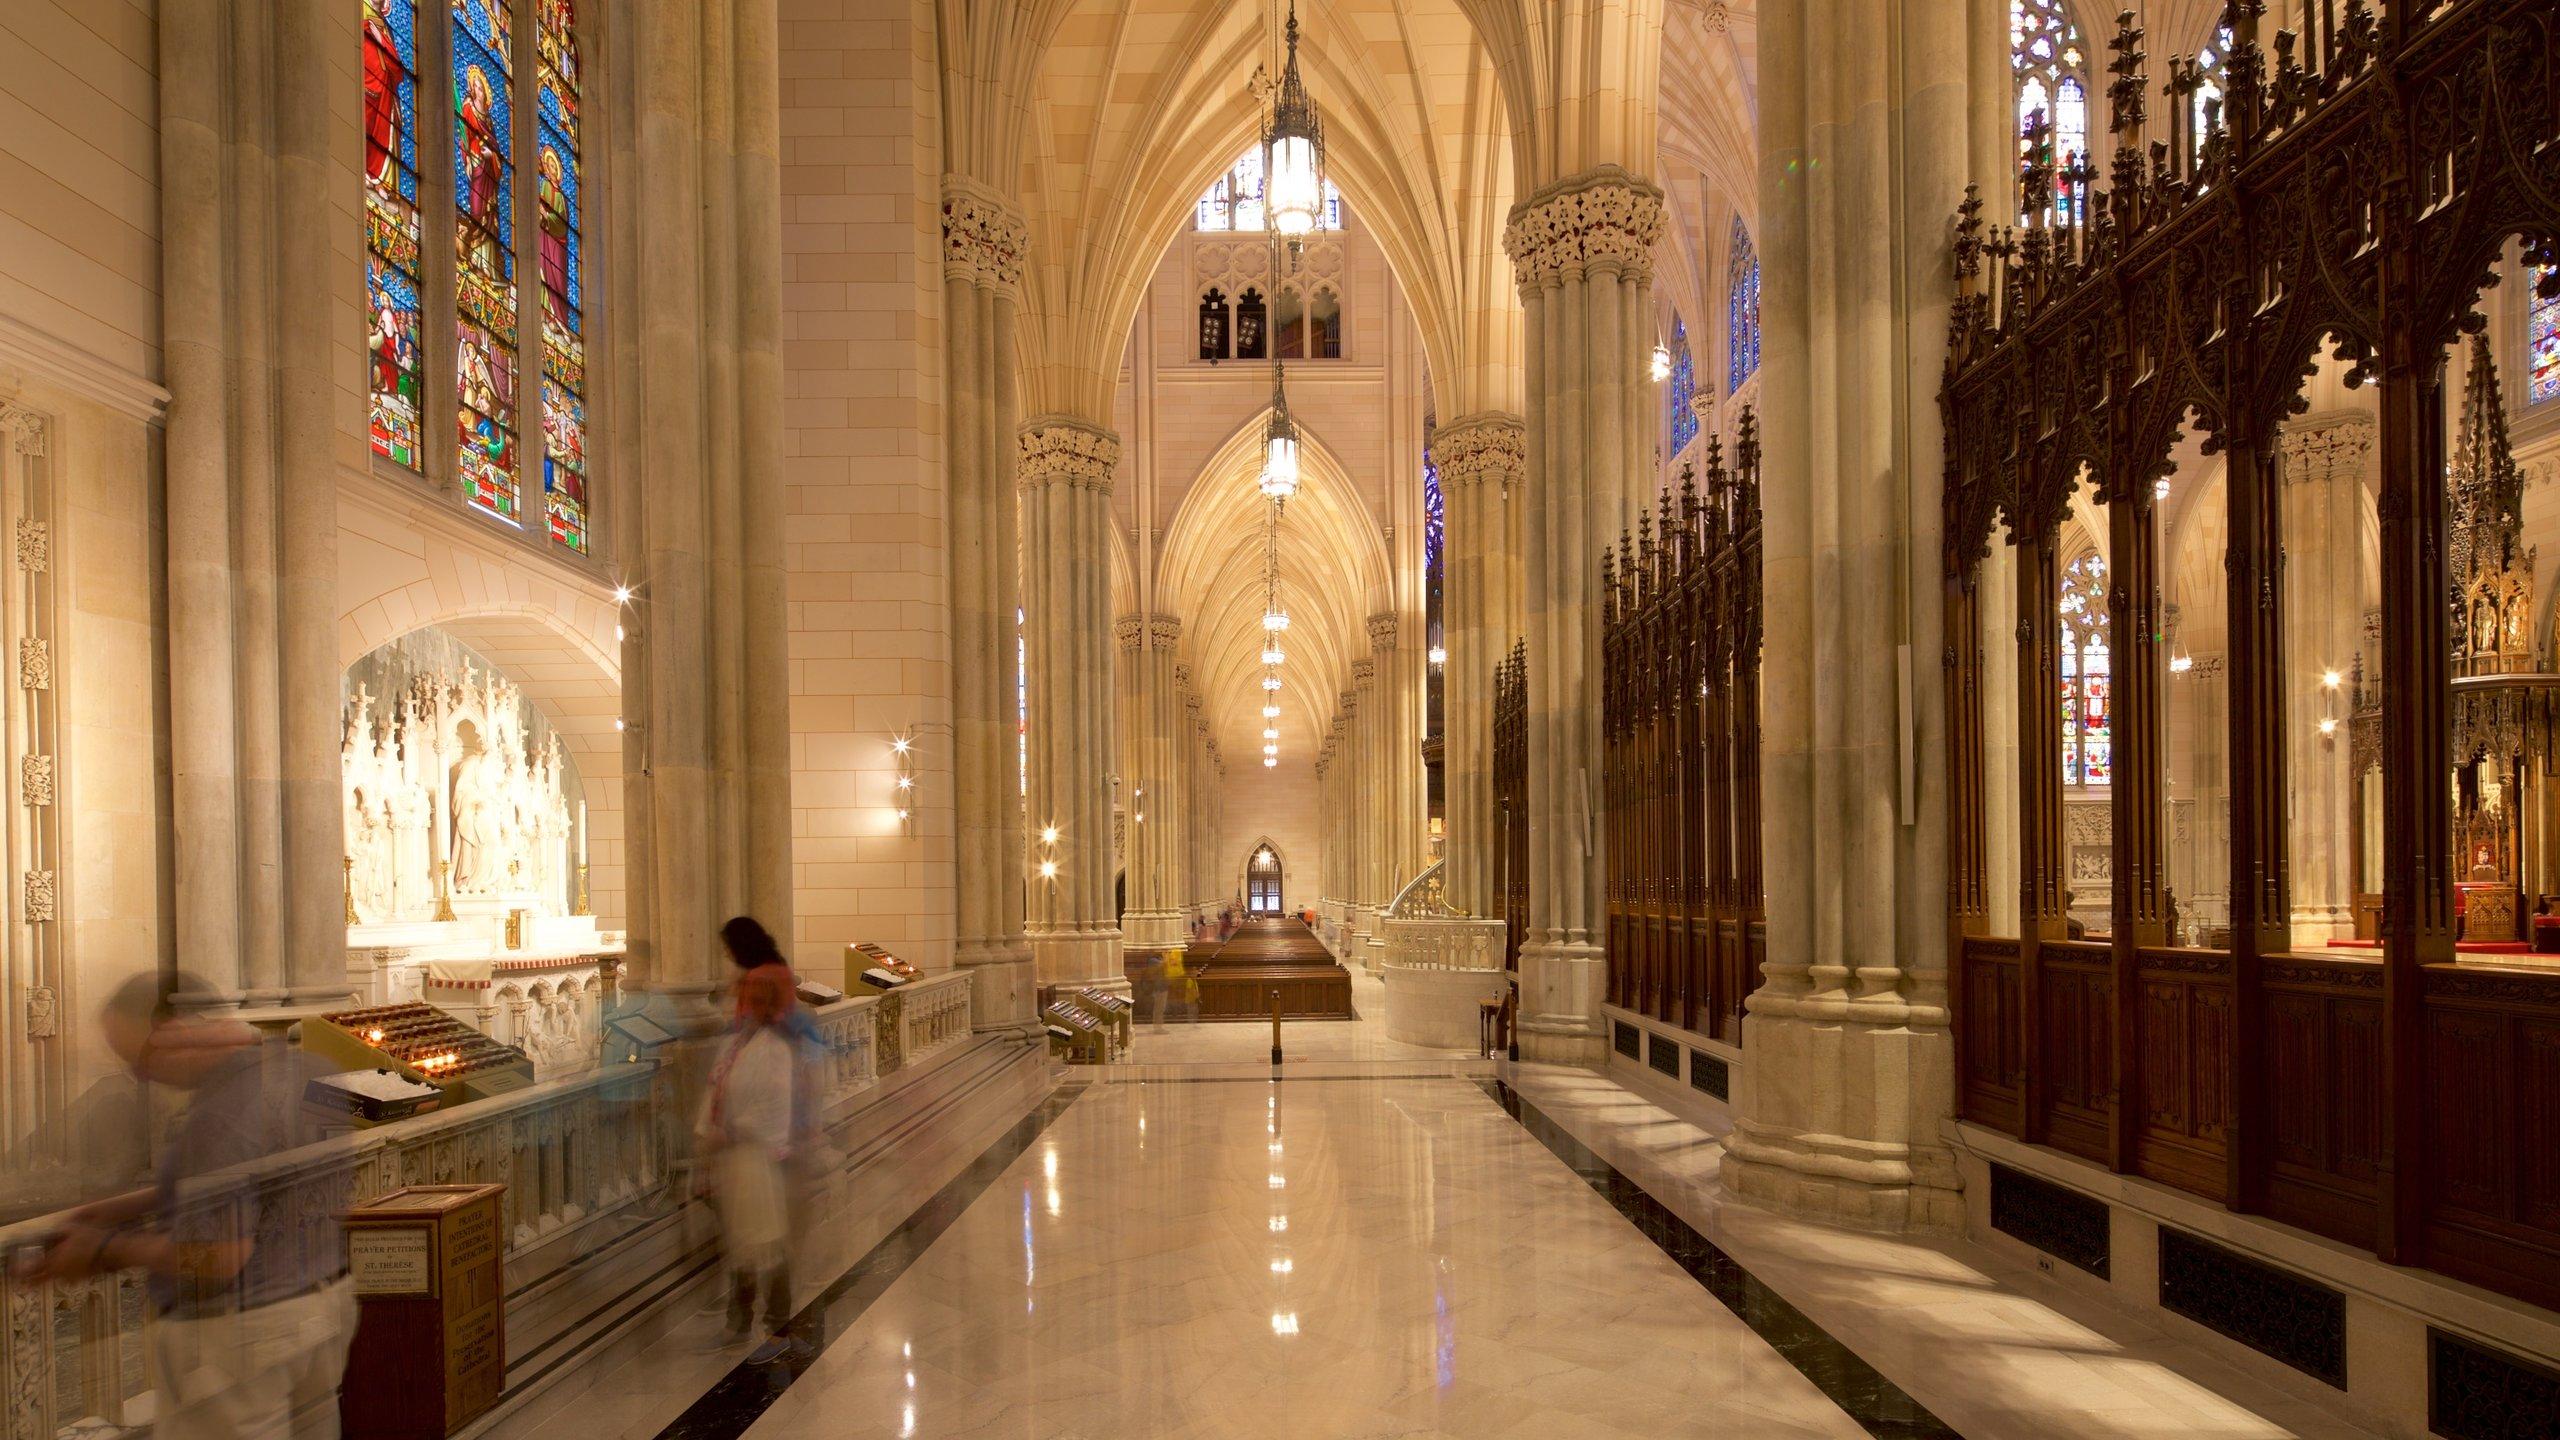 d9a0b5f6 Hotell nær St. Patricks katedral, New York | Bestill på Expedia.no